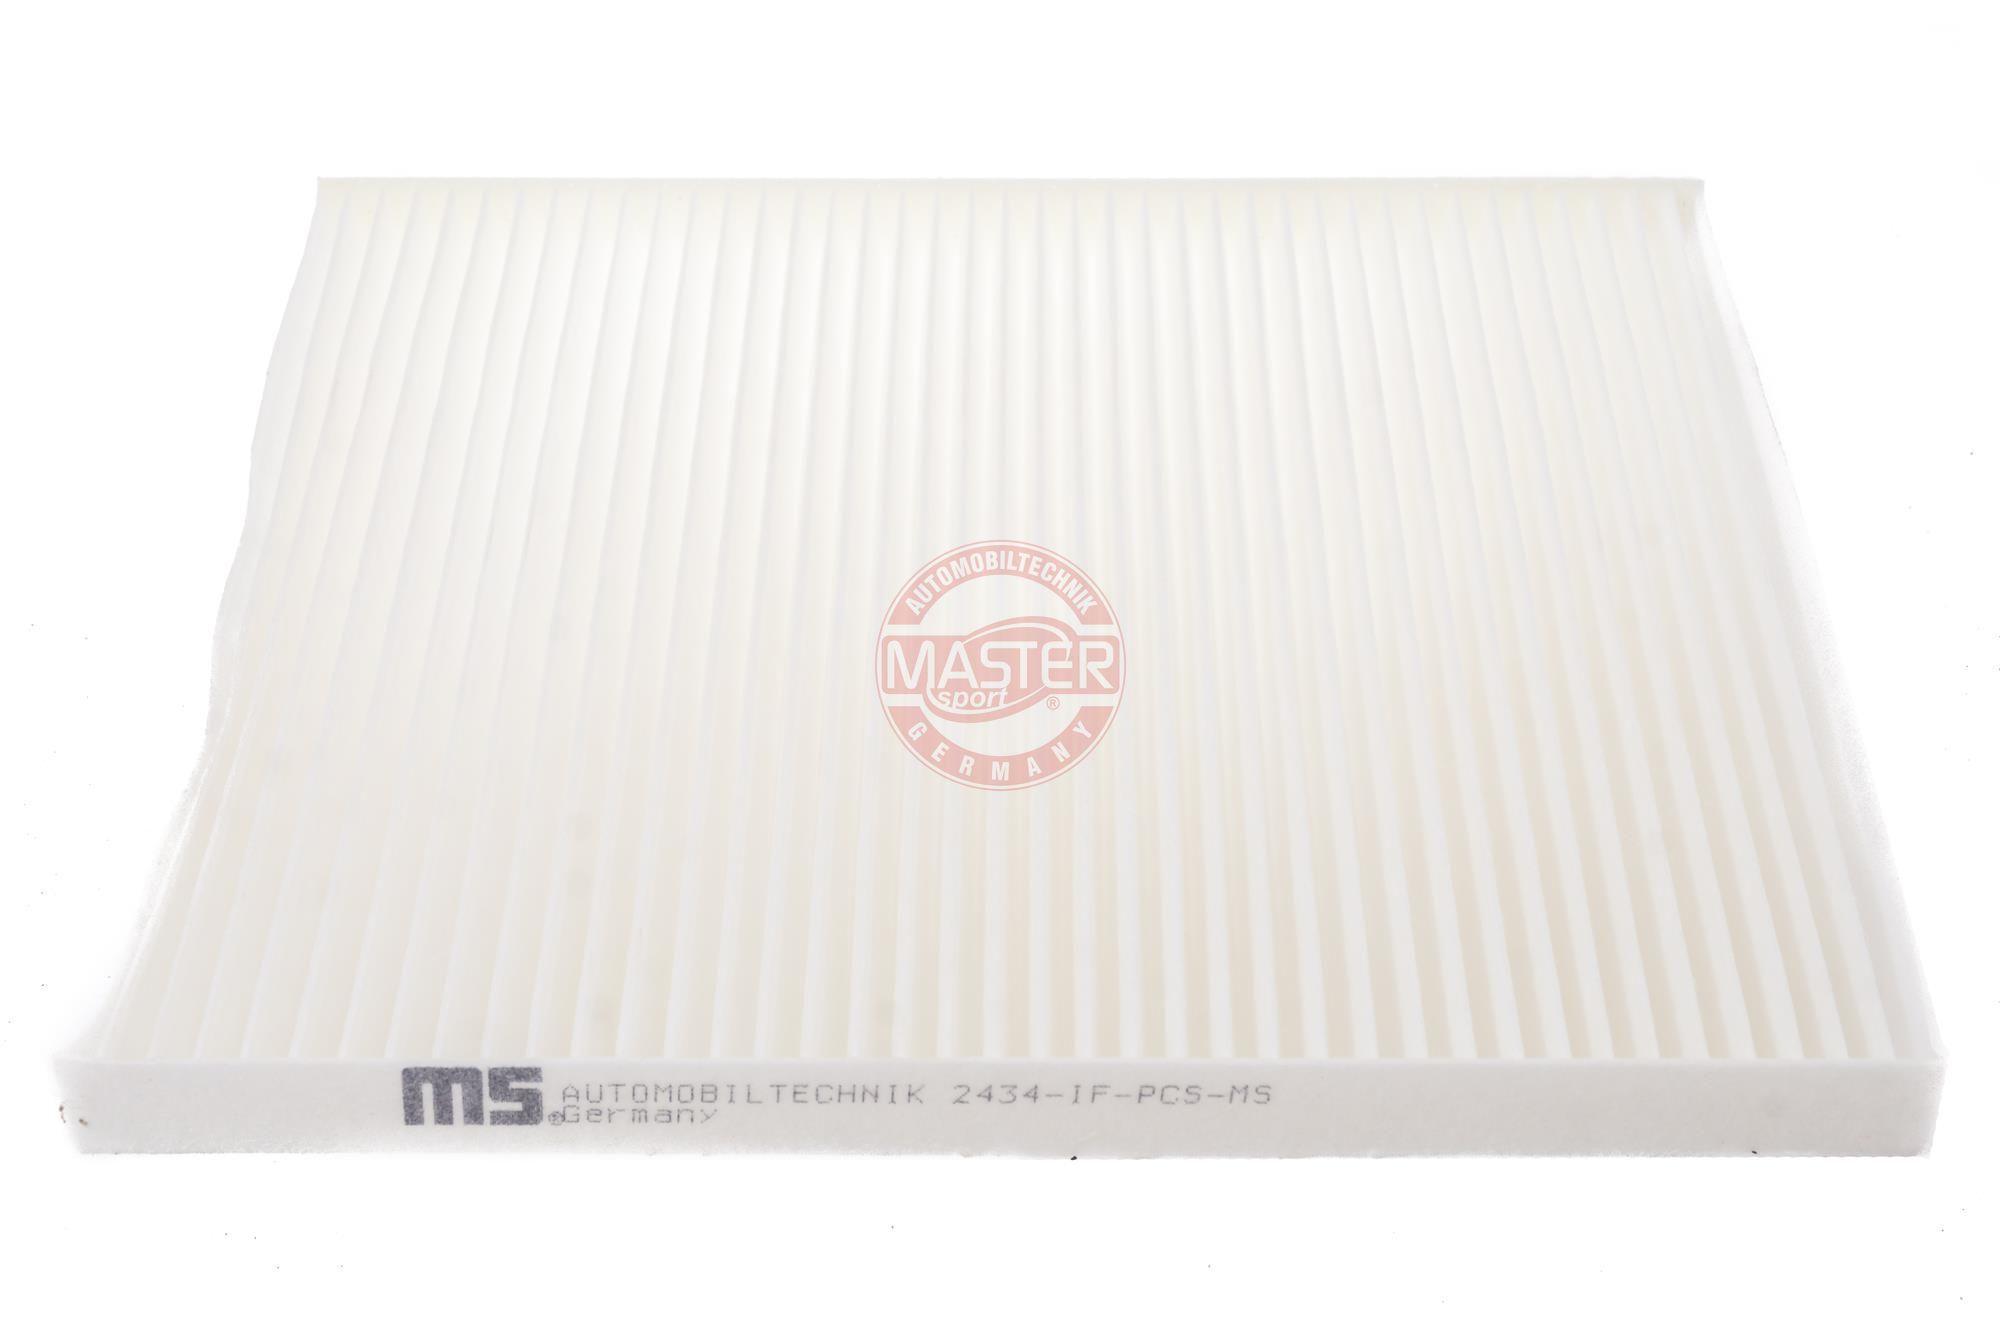 420024340 MASTER-SPORT Partikelfilter Breite: 211mm, Höhe: 17mm, Länge: 240mm Filter, Innenraumluft 2434-IF-PCS-MS günstig kaufen